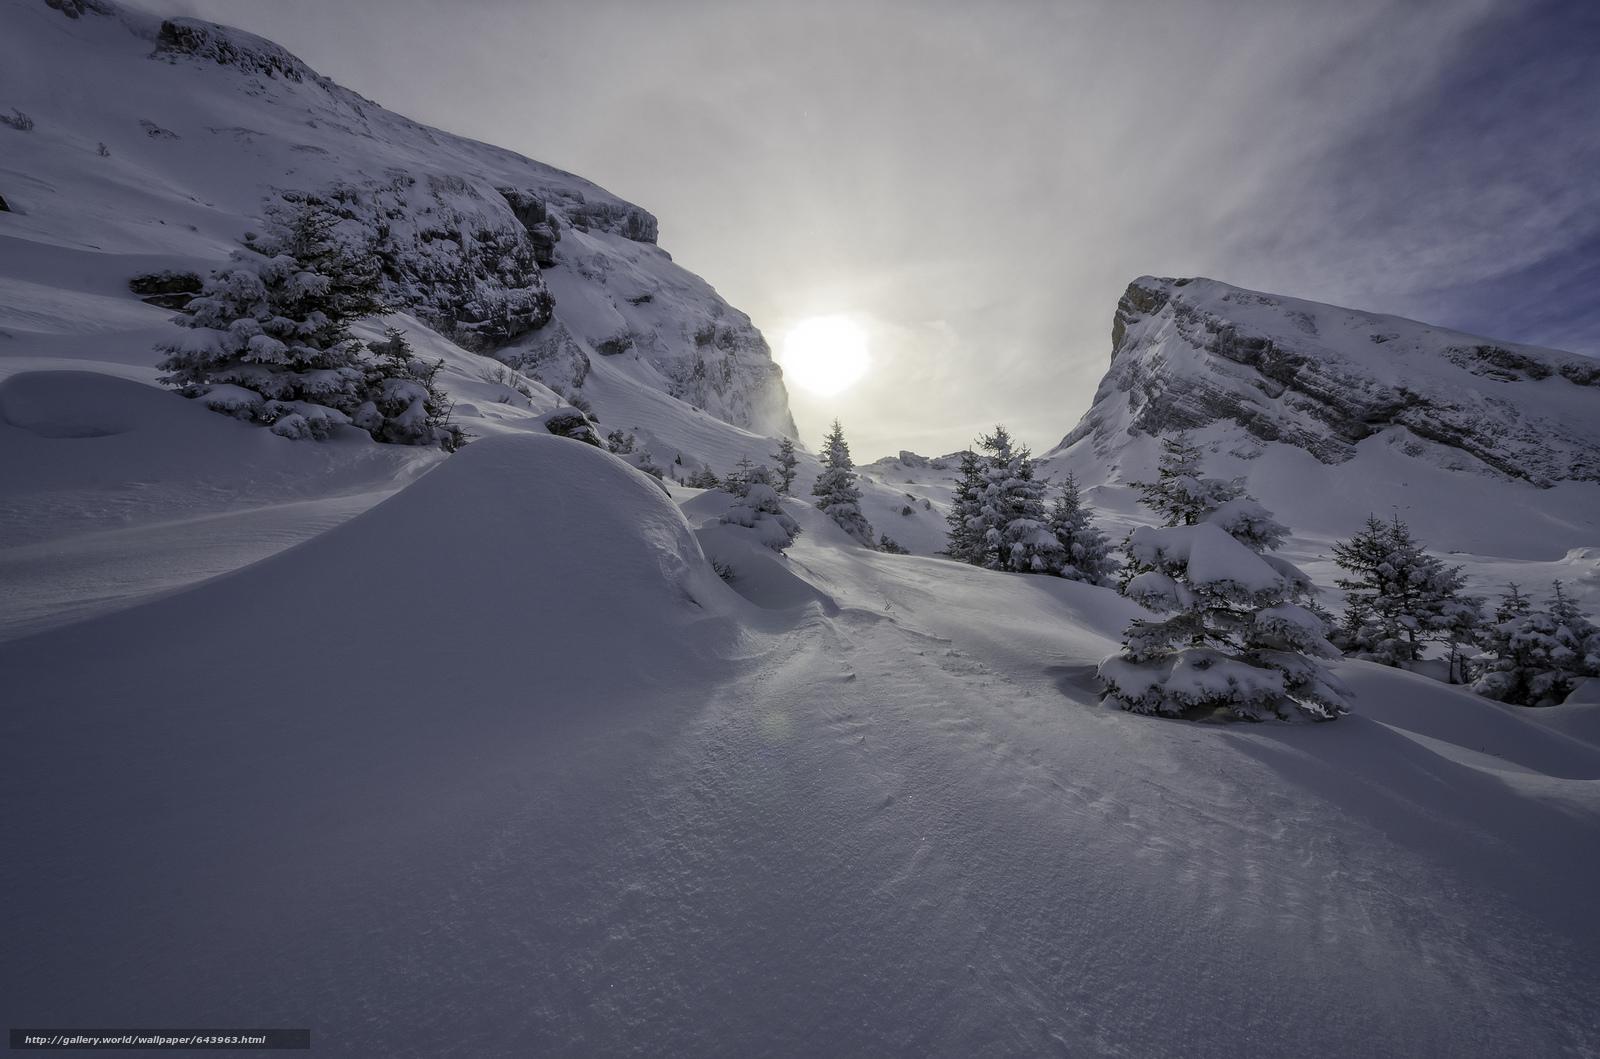 Tlcharger Fond d'ecran hiver,  coucher du soleil,  neige,  arbres Fonds d'ecran gratuits pour votre rsolution du bureau 2048x1356 — image №643963